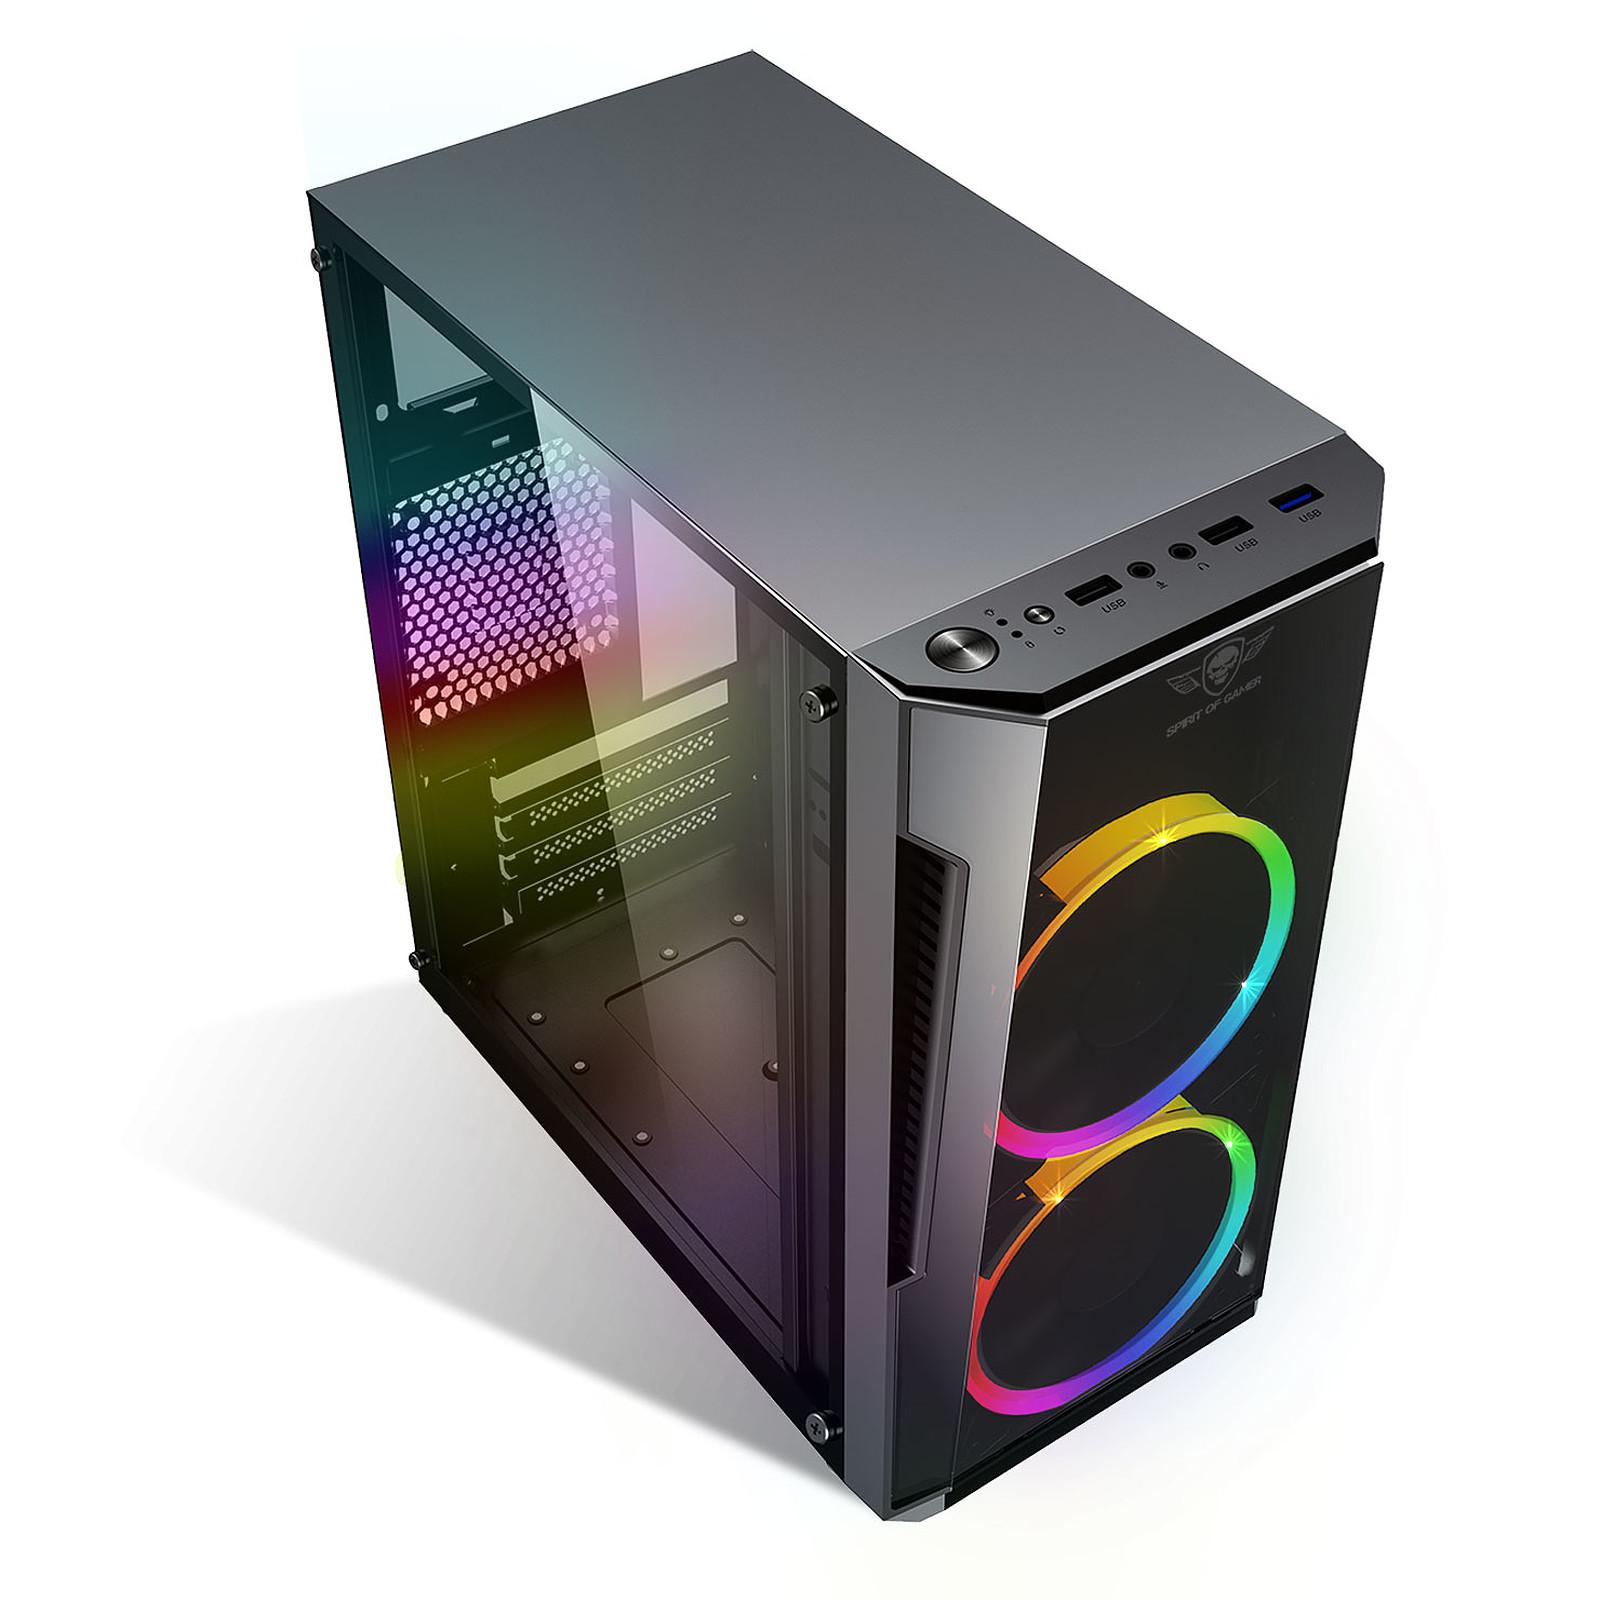 Boitier PC Micro-ATX, Mini-ITX Spirit of Gamer Deathmatch 3 ARGB Edition avec fenêtre sans alim, informatique ile de la Réunion 974